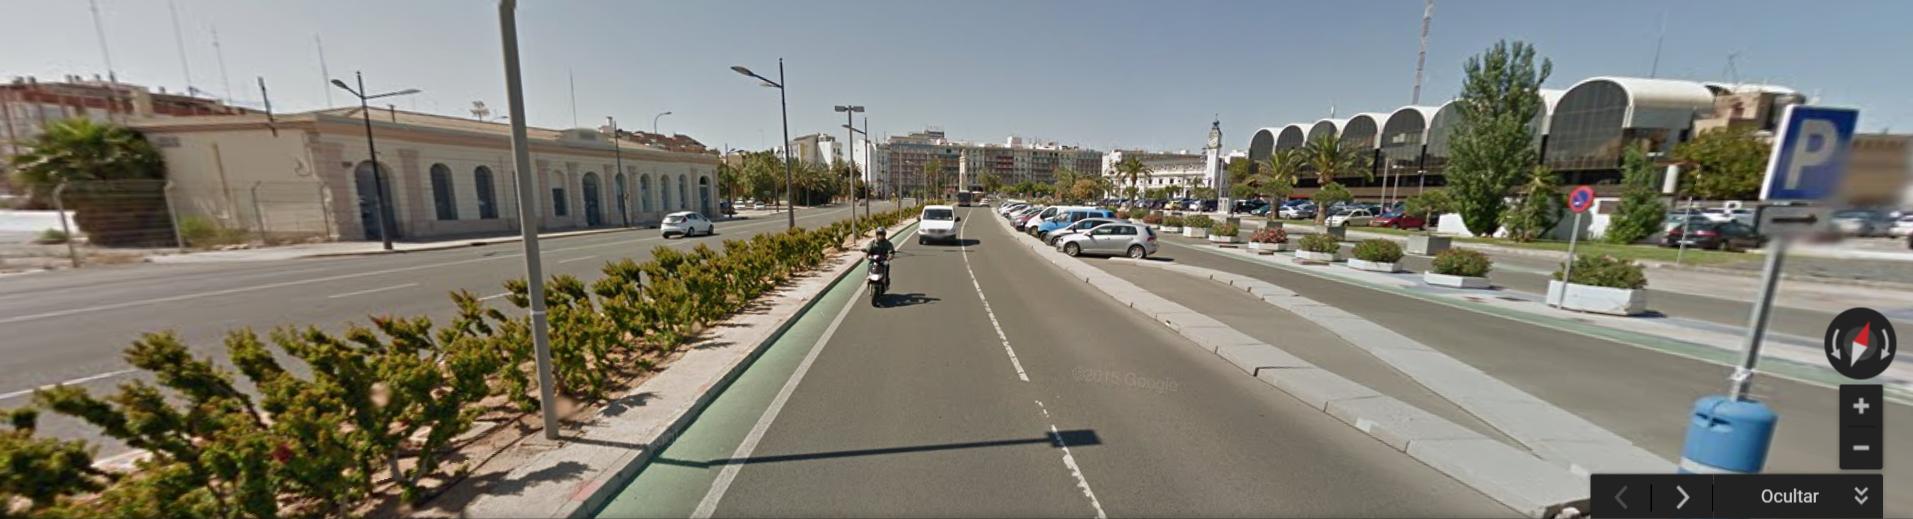 Situación actual de abandono y localización. Foto de Mayo de 2015 (Google maps)